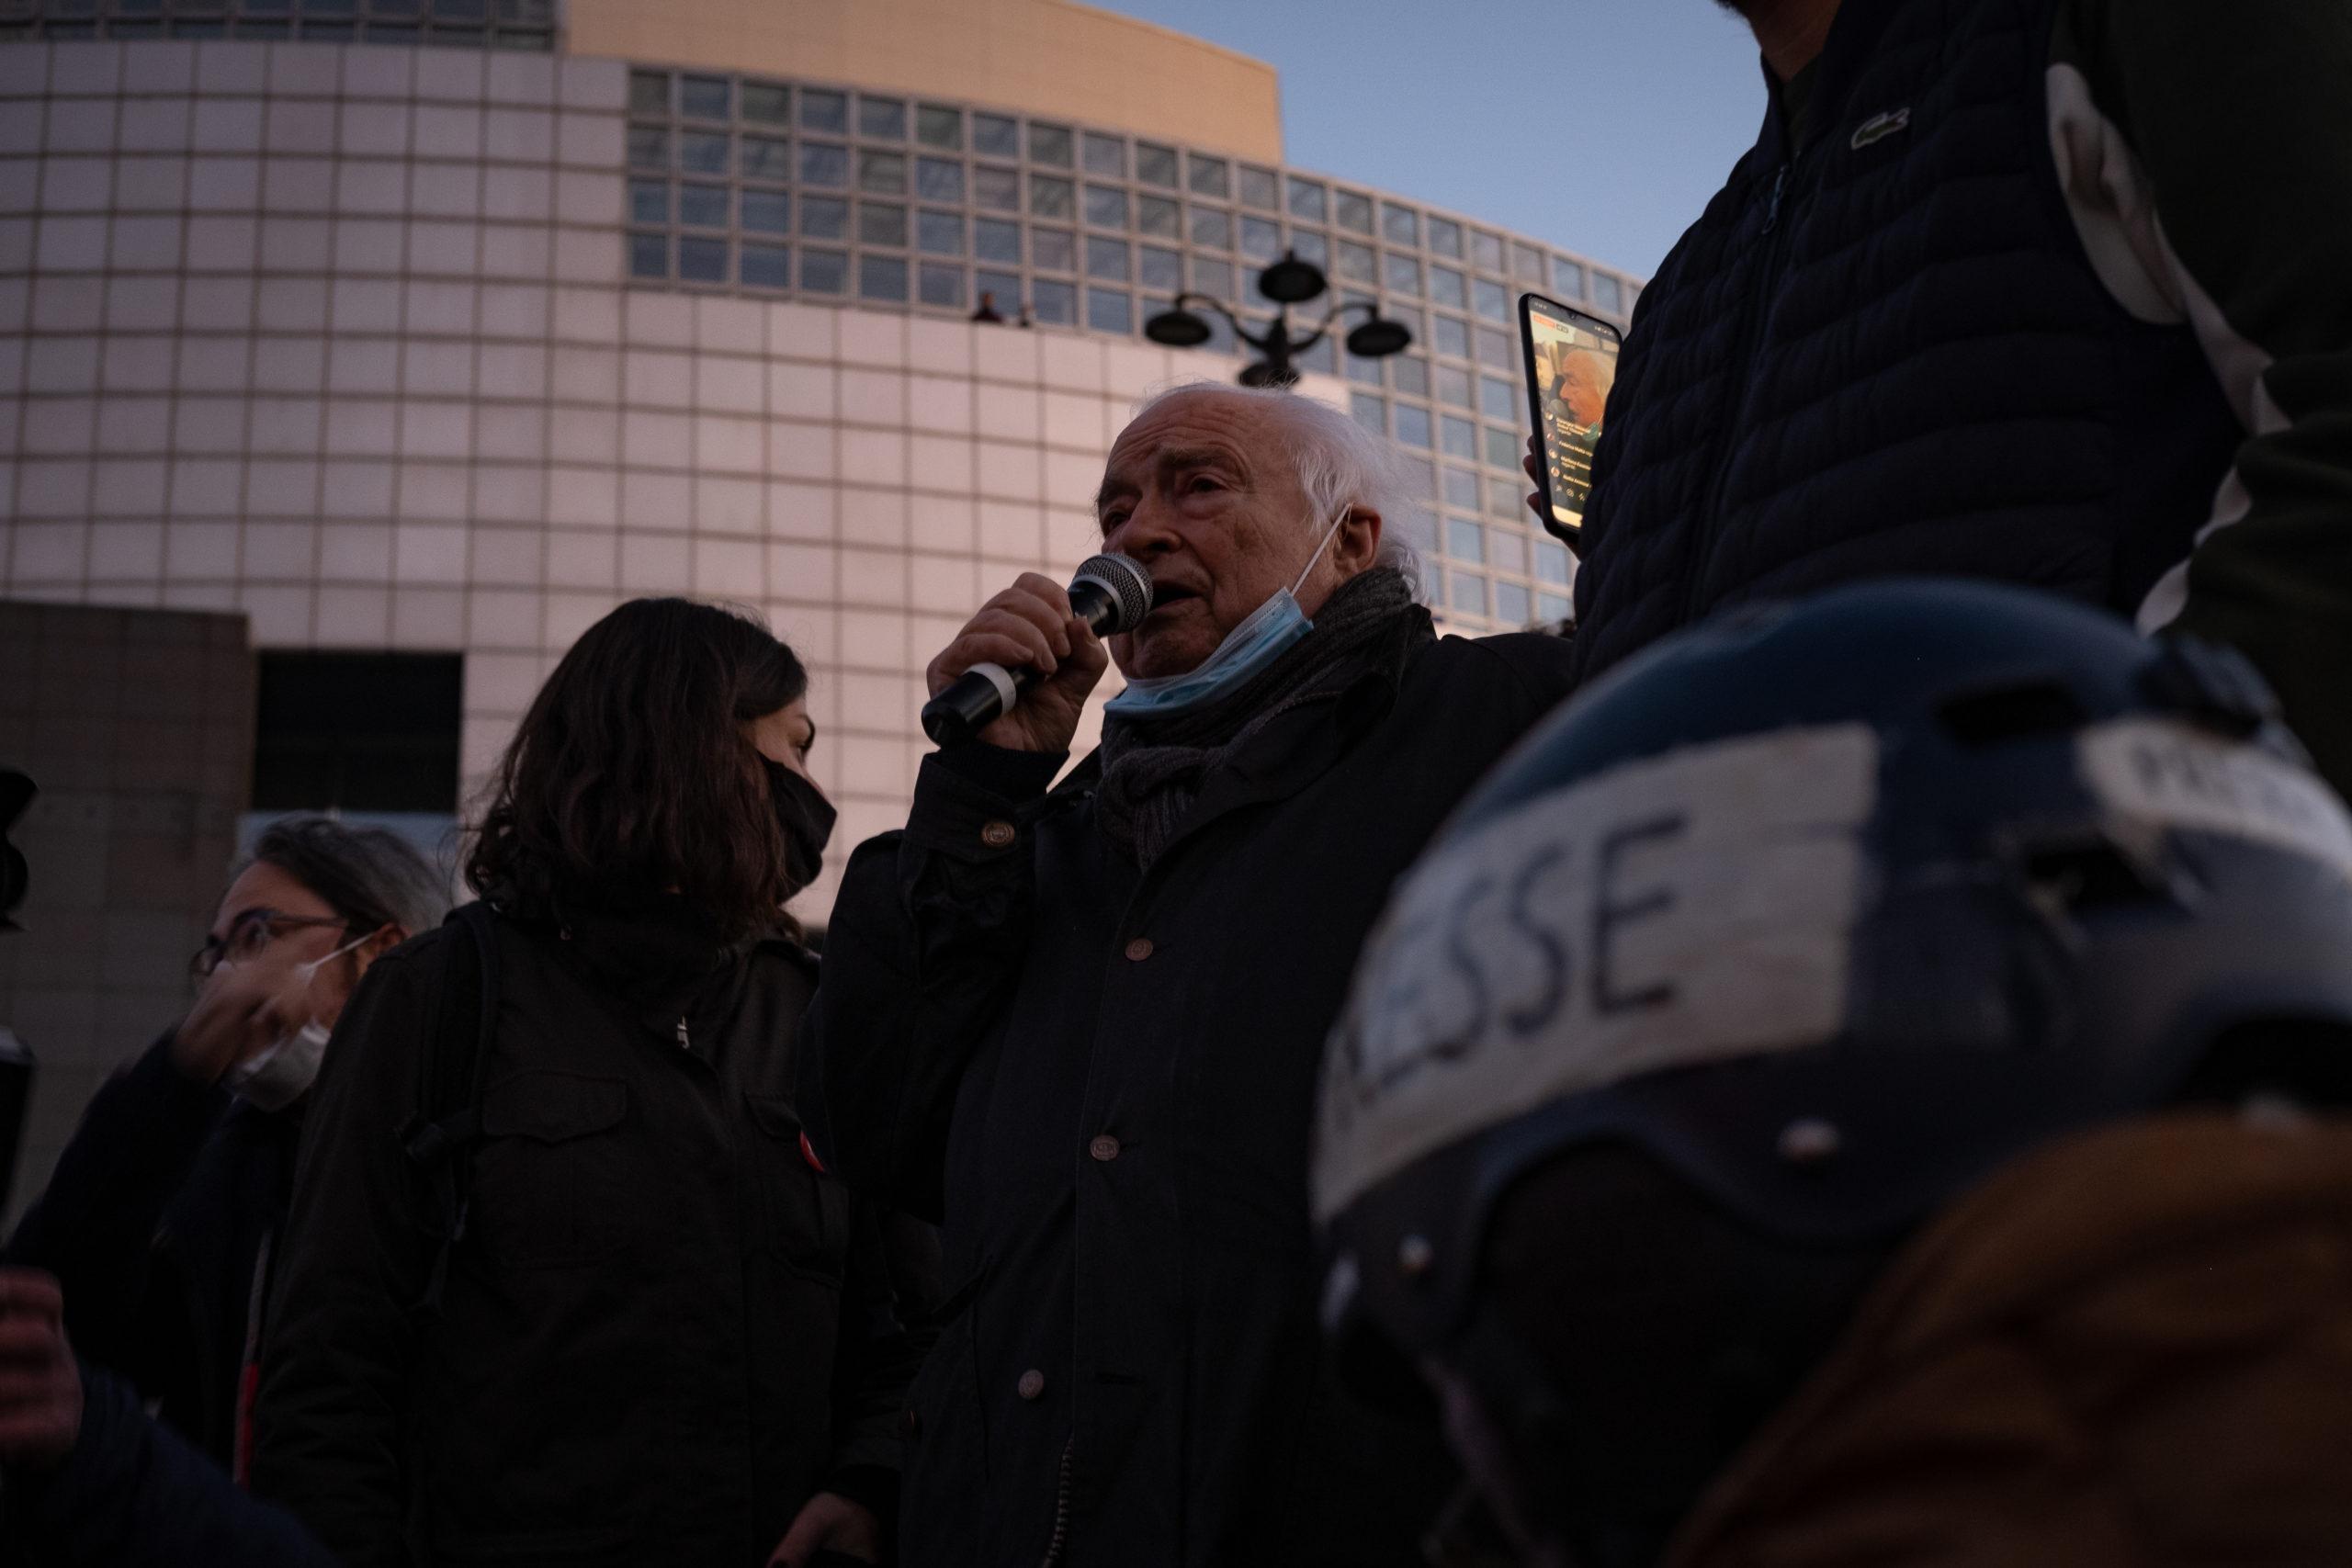 Henri Leclerc, Président d'honneur de la Ligue des Droits de l'Homme prend la parole dans un discours émouvant.© Chloé Lavoisard